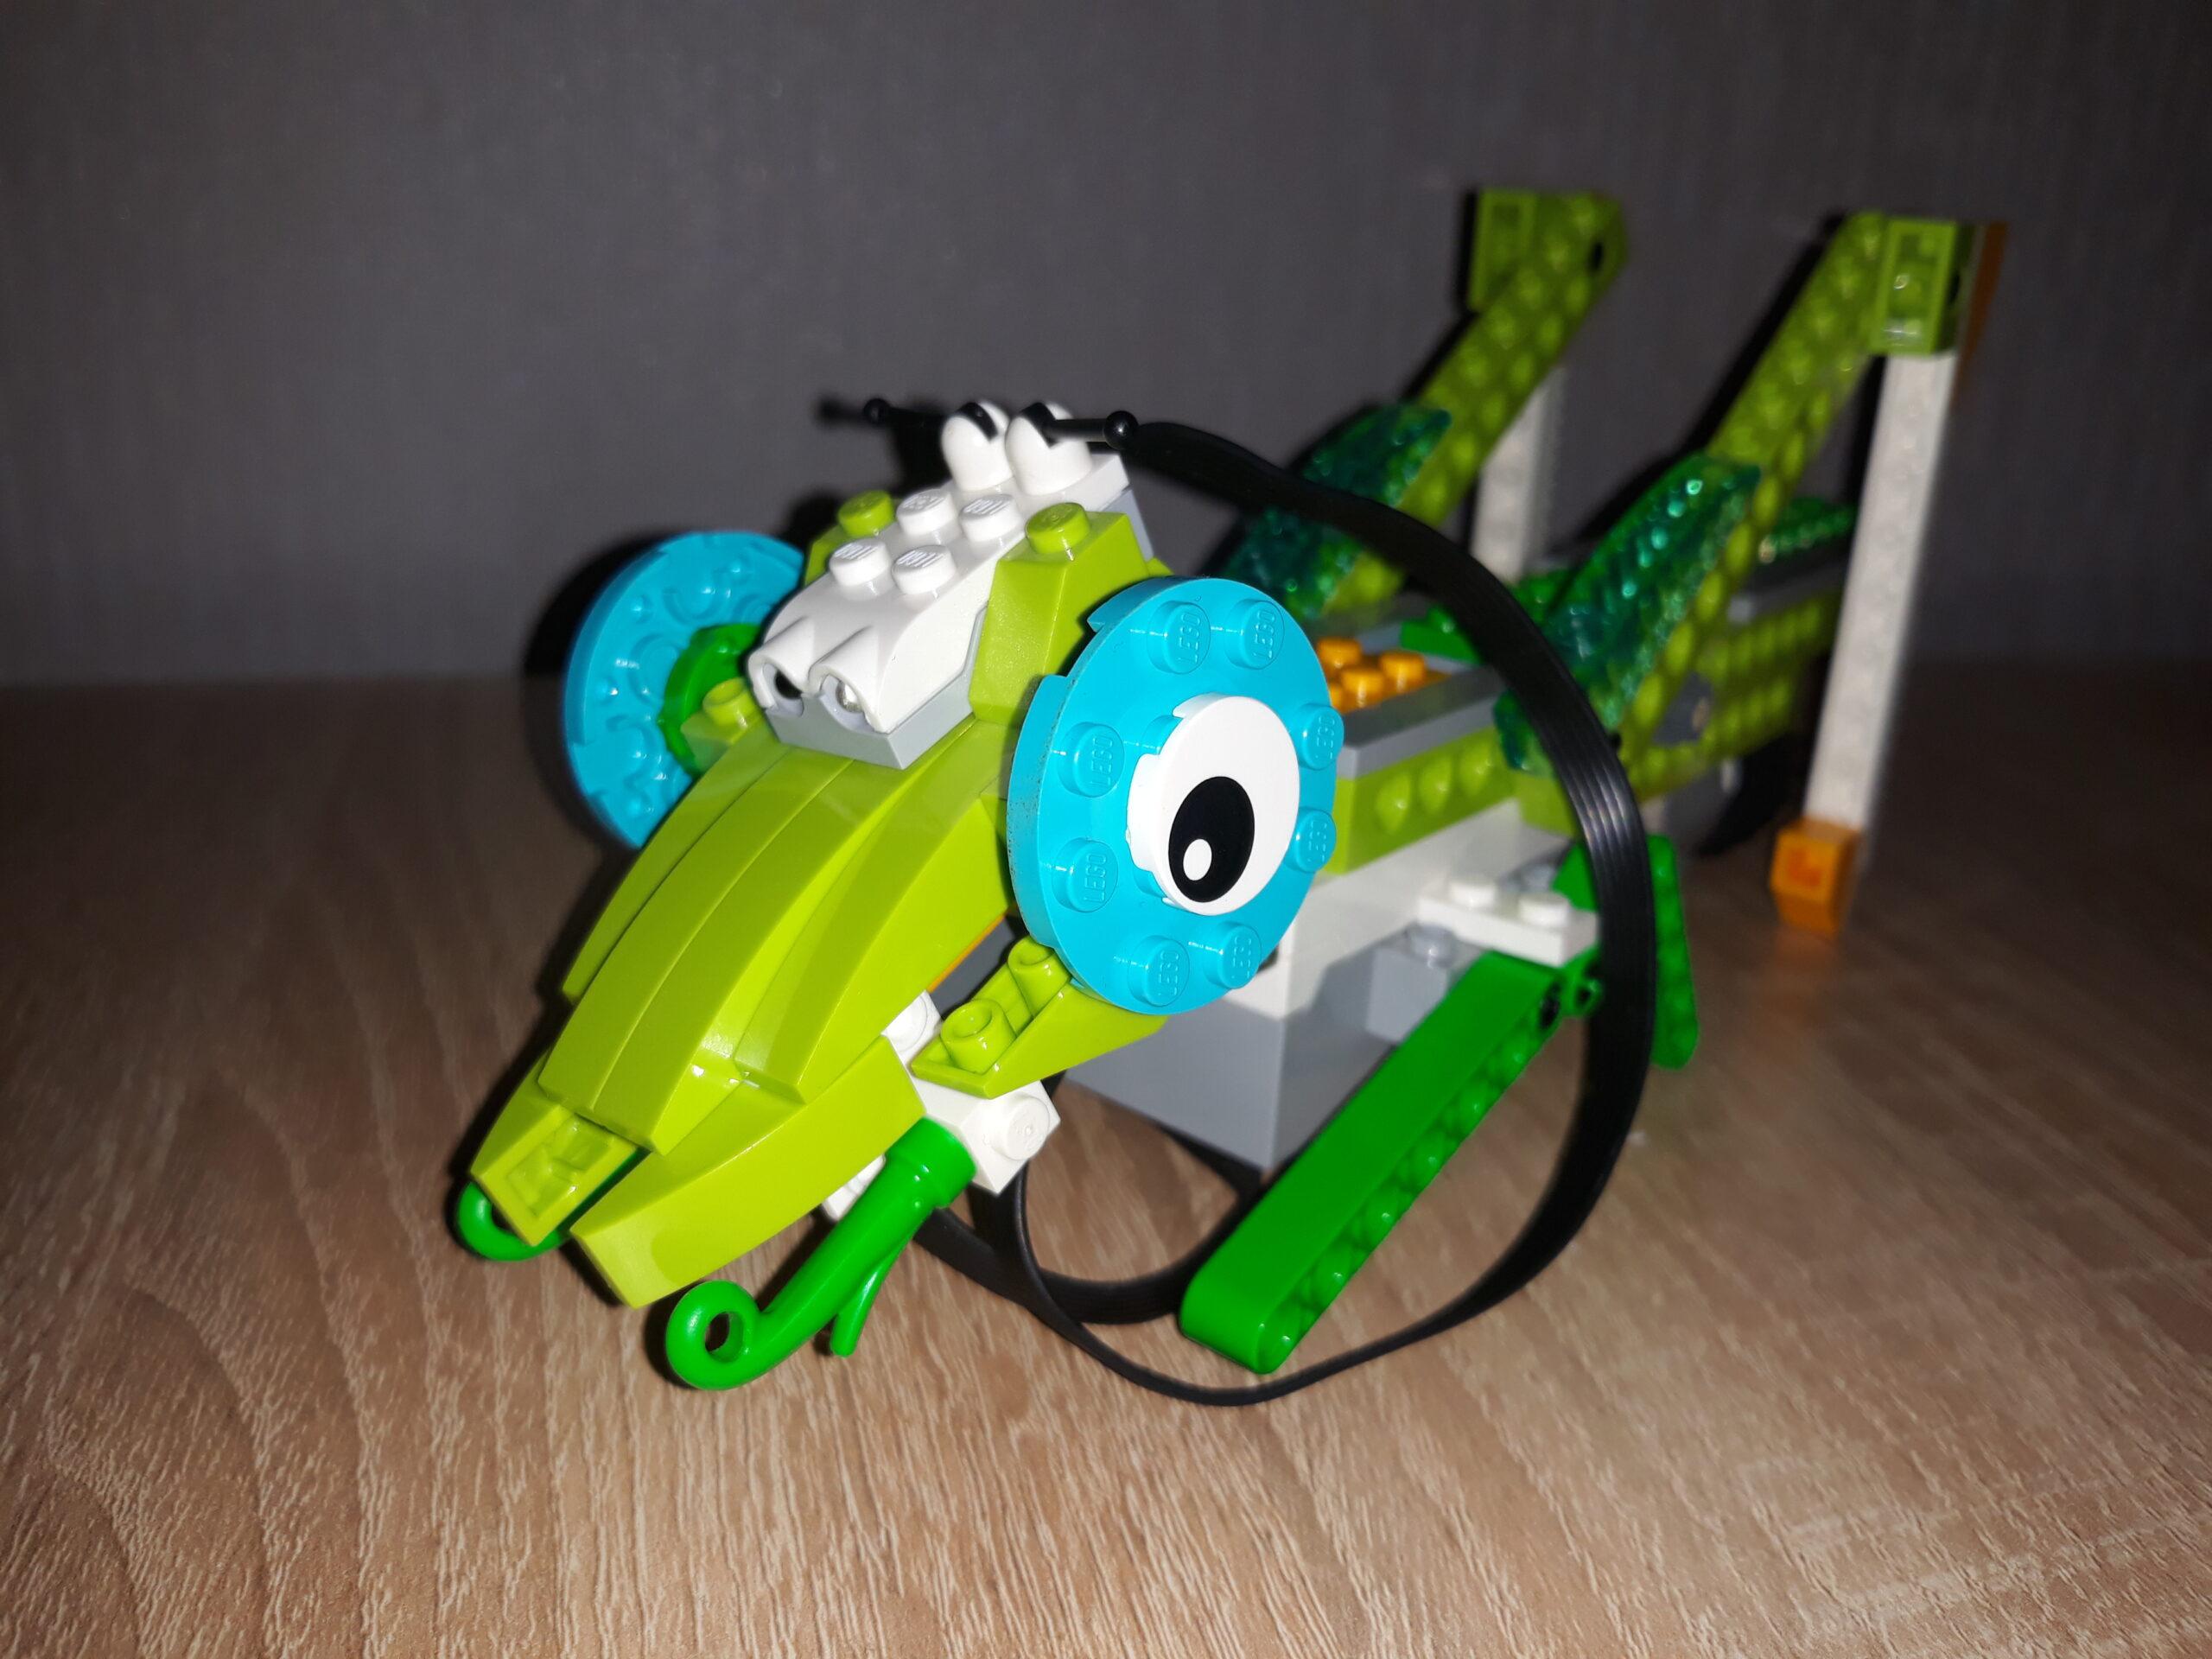 Инструкция по сборке из набора LEGO Education Виду 2.0 Кузнечик